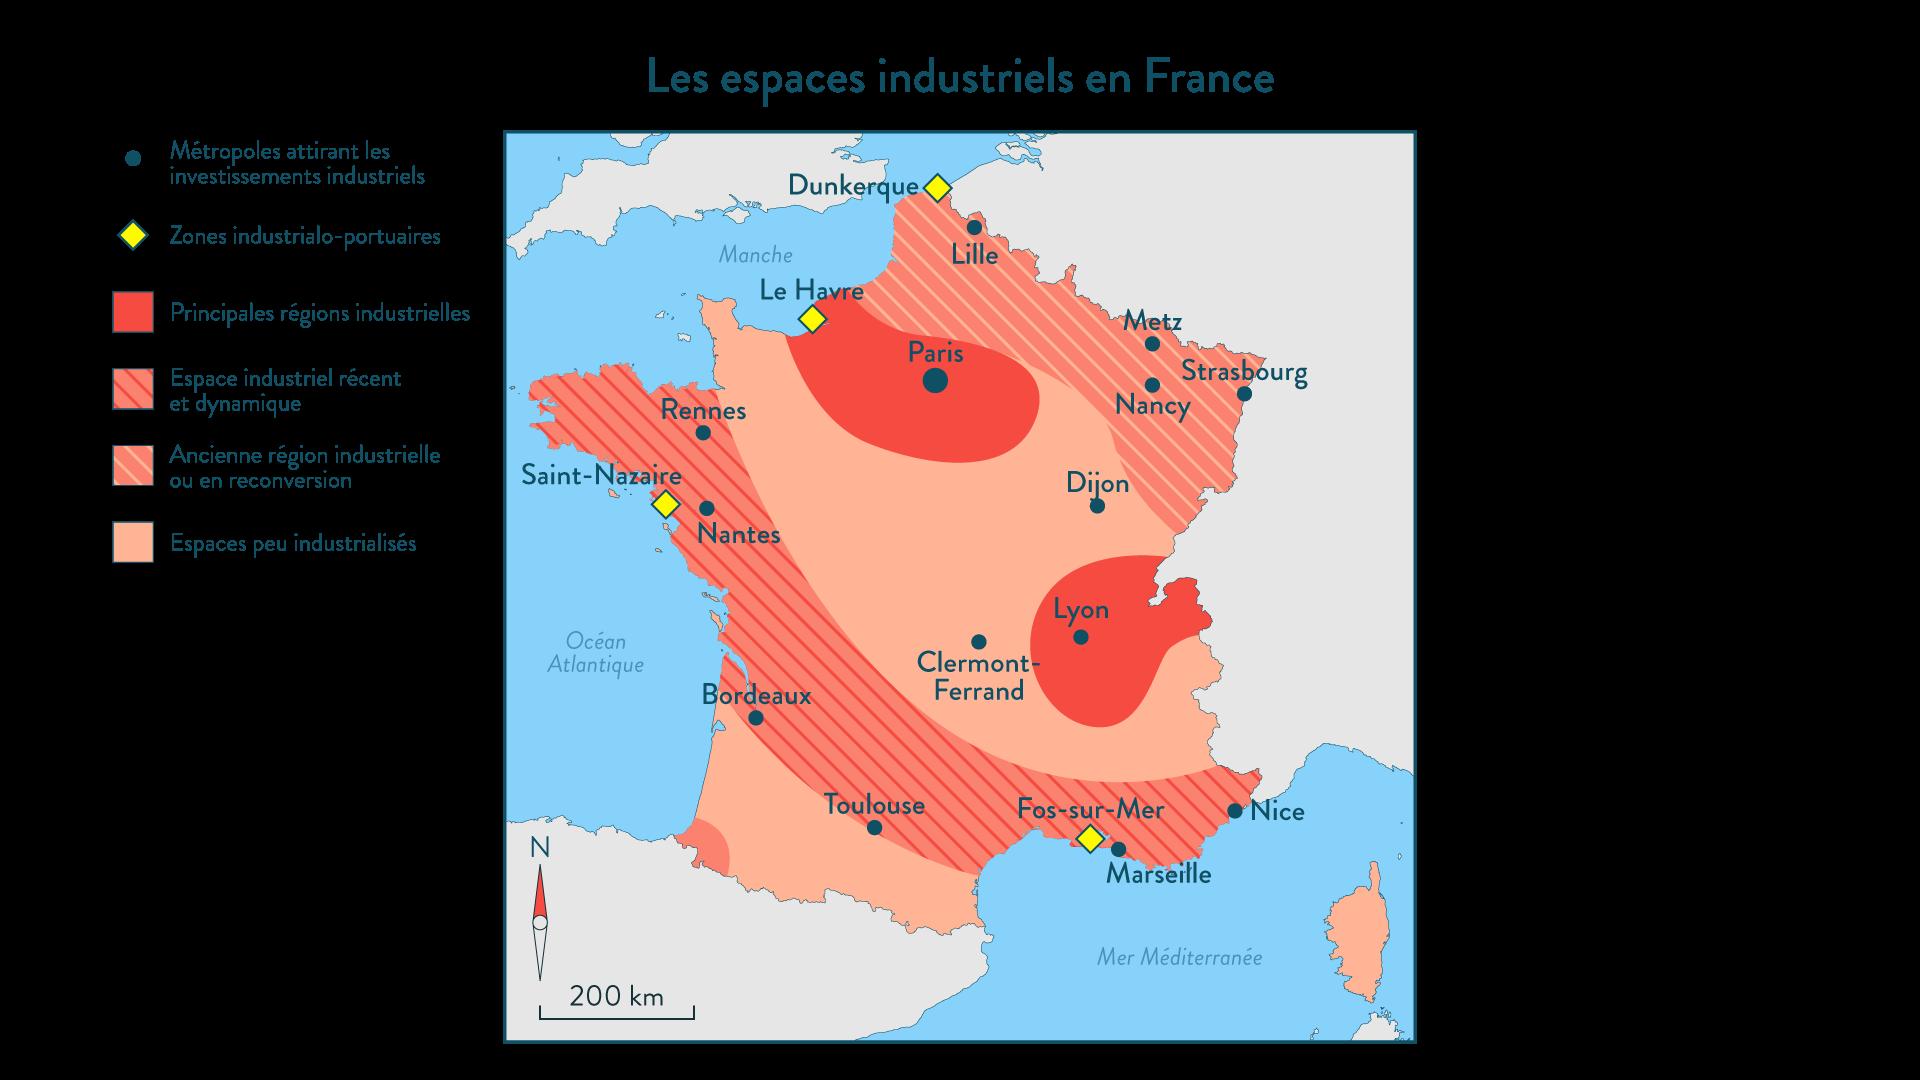 Les espaces industriels en France - 1re - géo - SchoolMouv